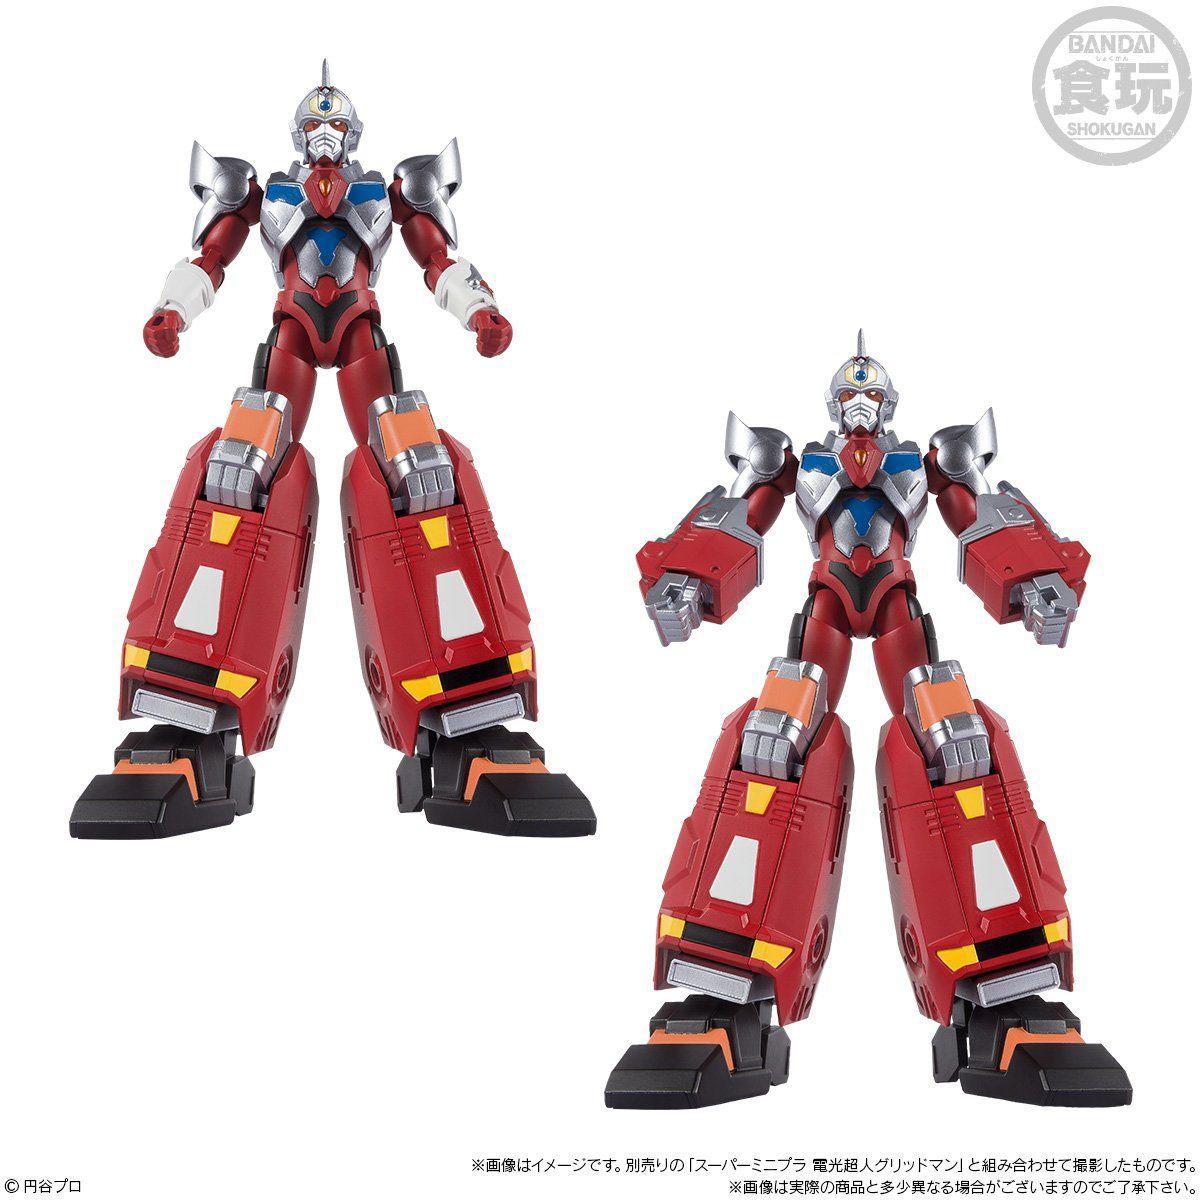 【食玩】スーパーミニプラ『ダイナドラゴン&グリッドマンシグマ セット』電光超人グリッドマン プラモデル-006